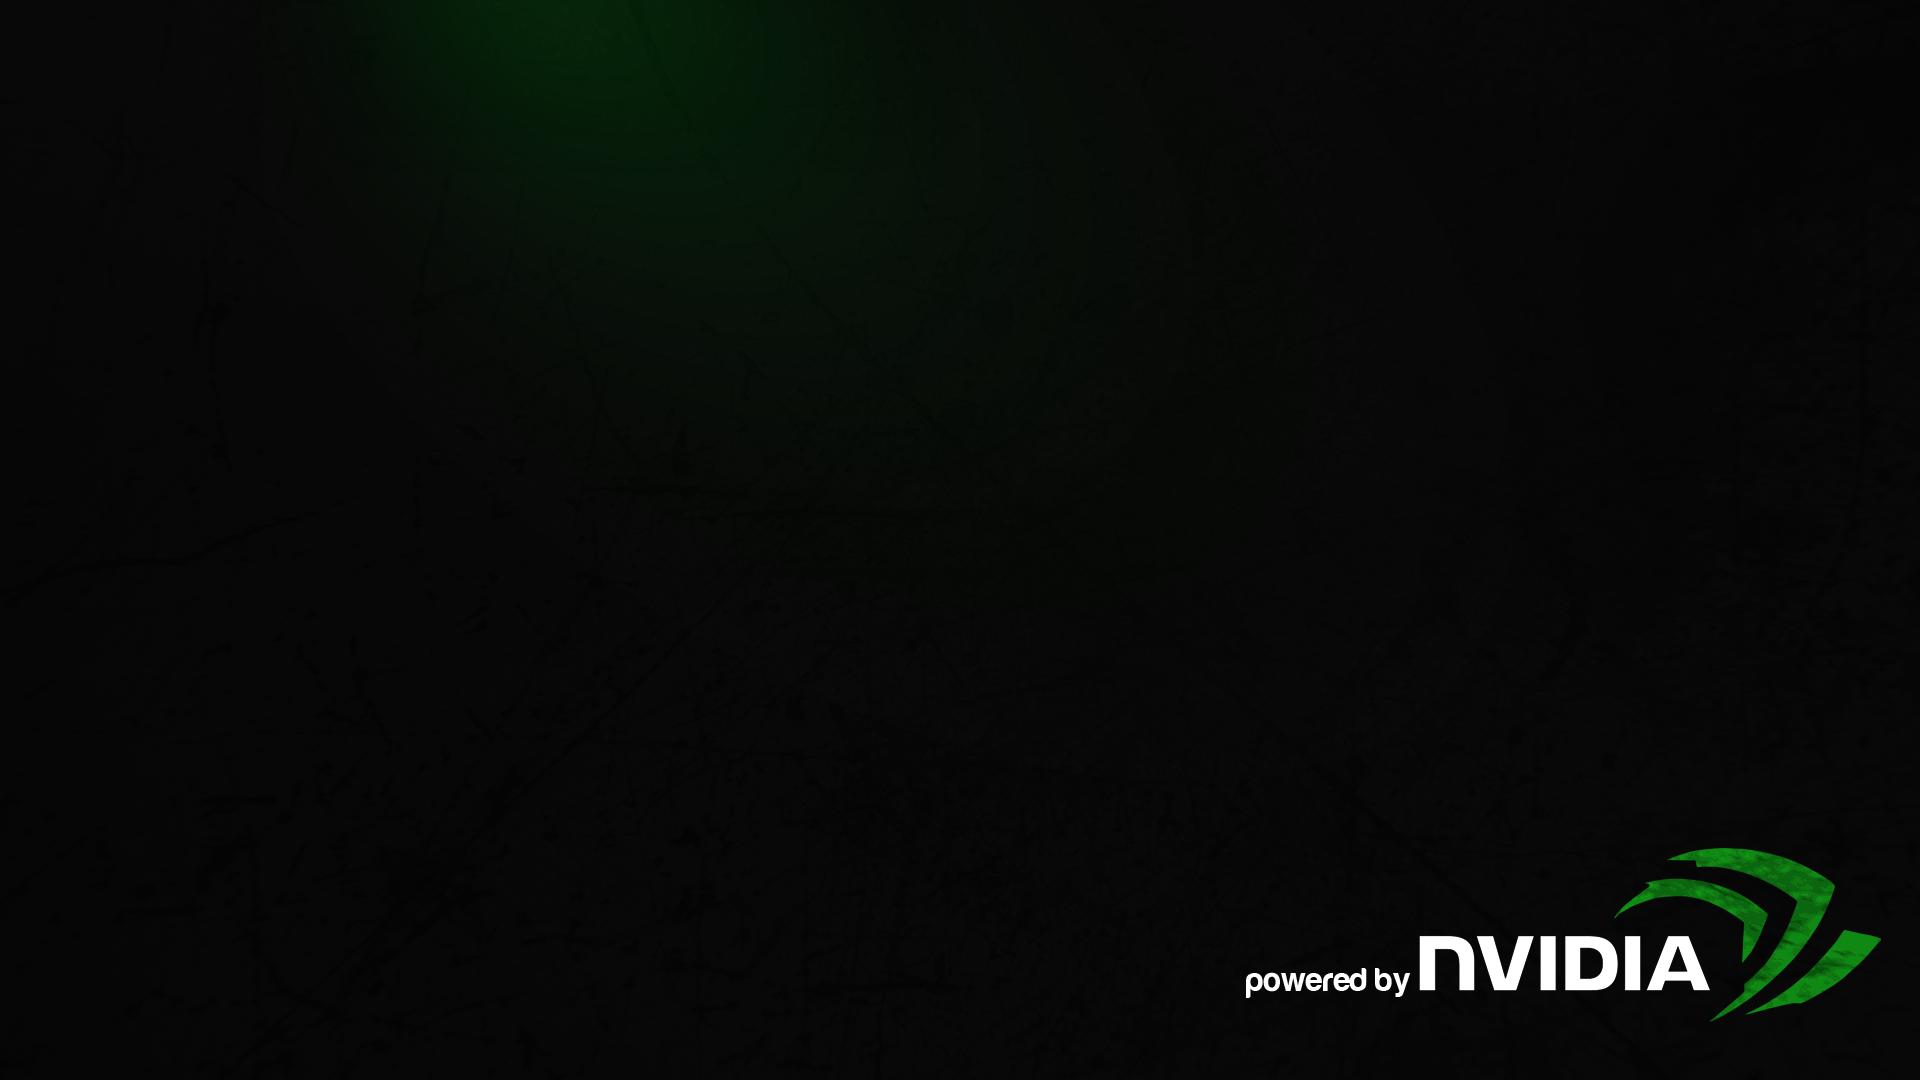 48 Nvidia Desktop Wallpaper On Wallpapersafari